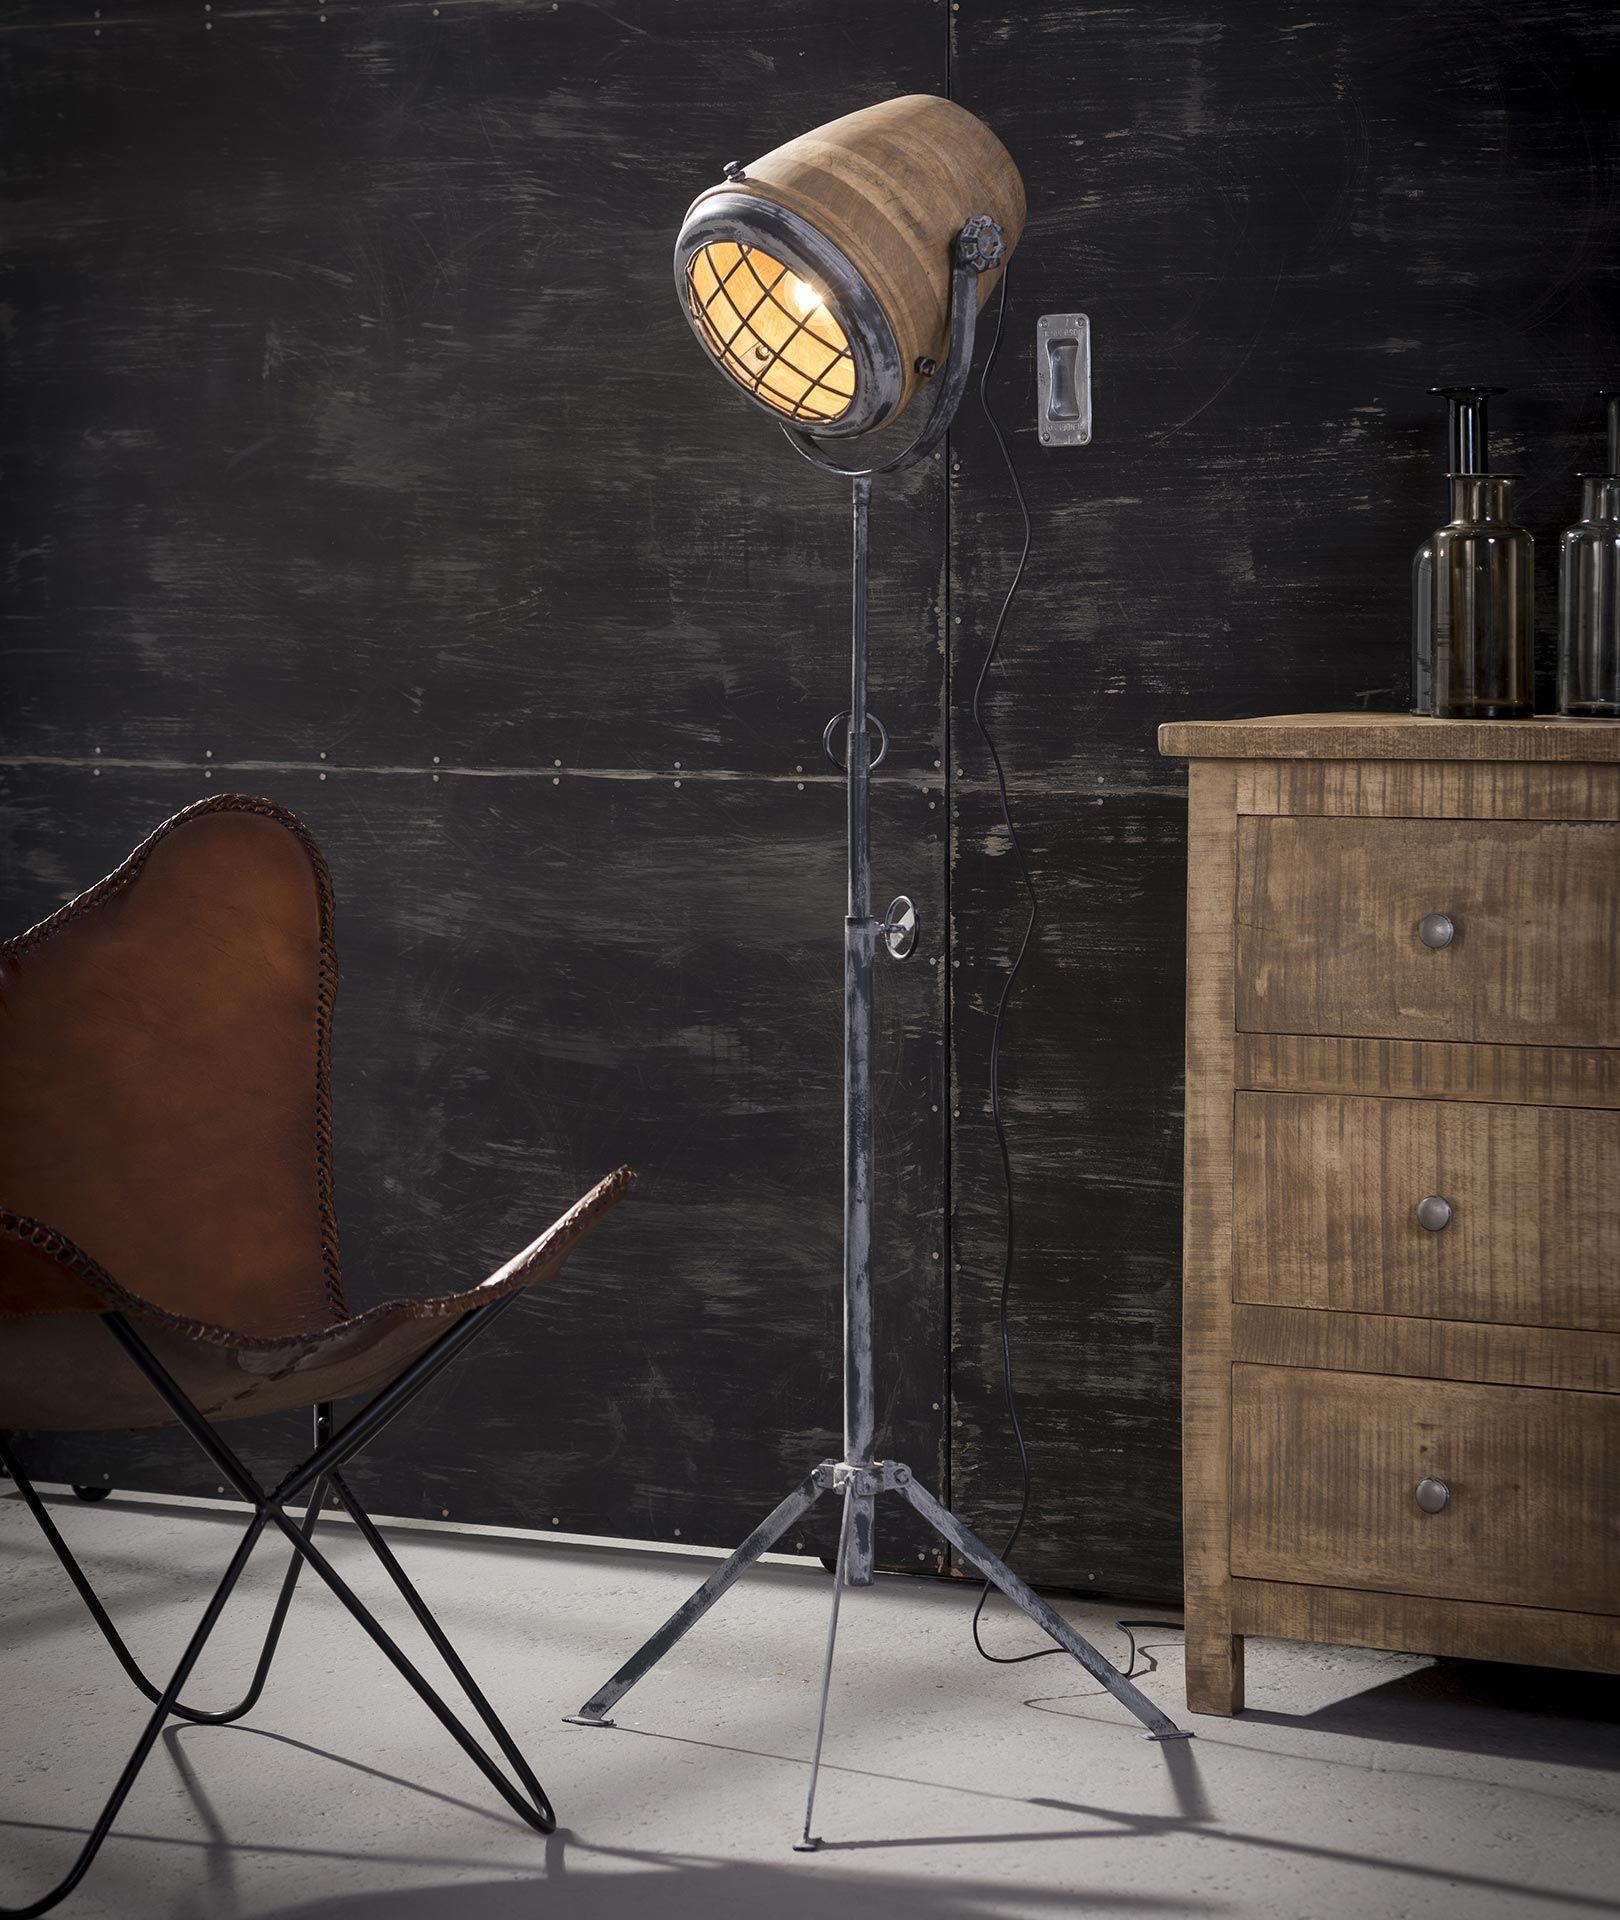 Stehlampe Eisen Holz Lampenschirm Xl Massiv Mango Naturel Emob